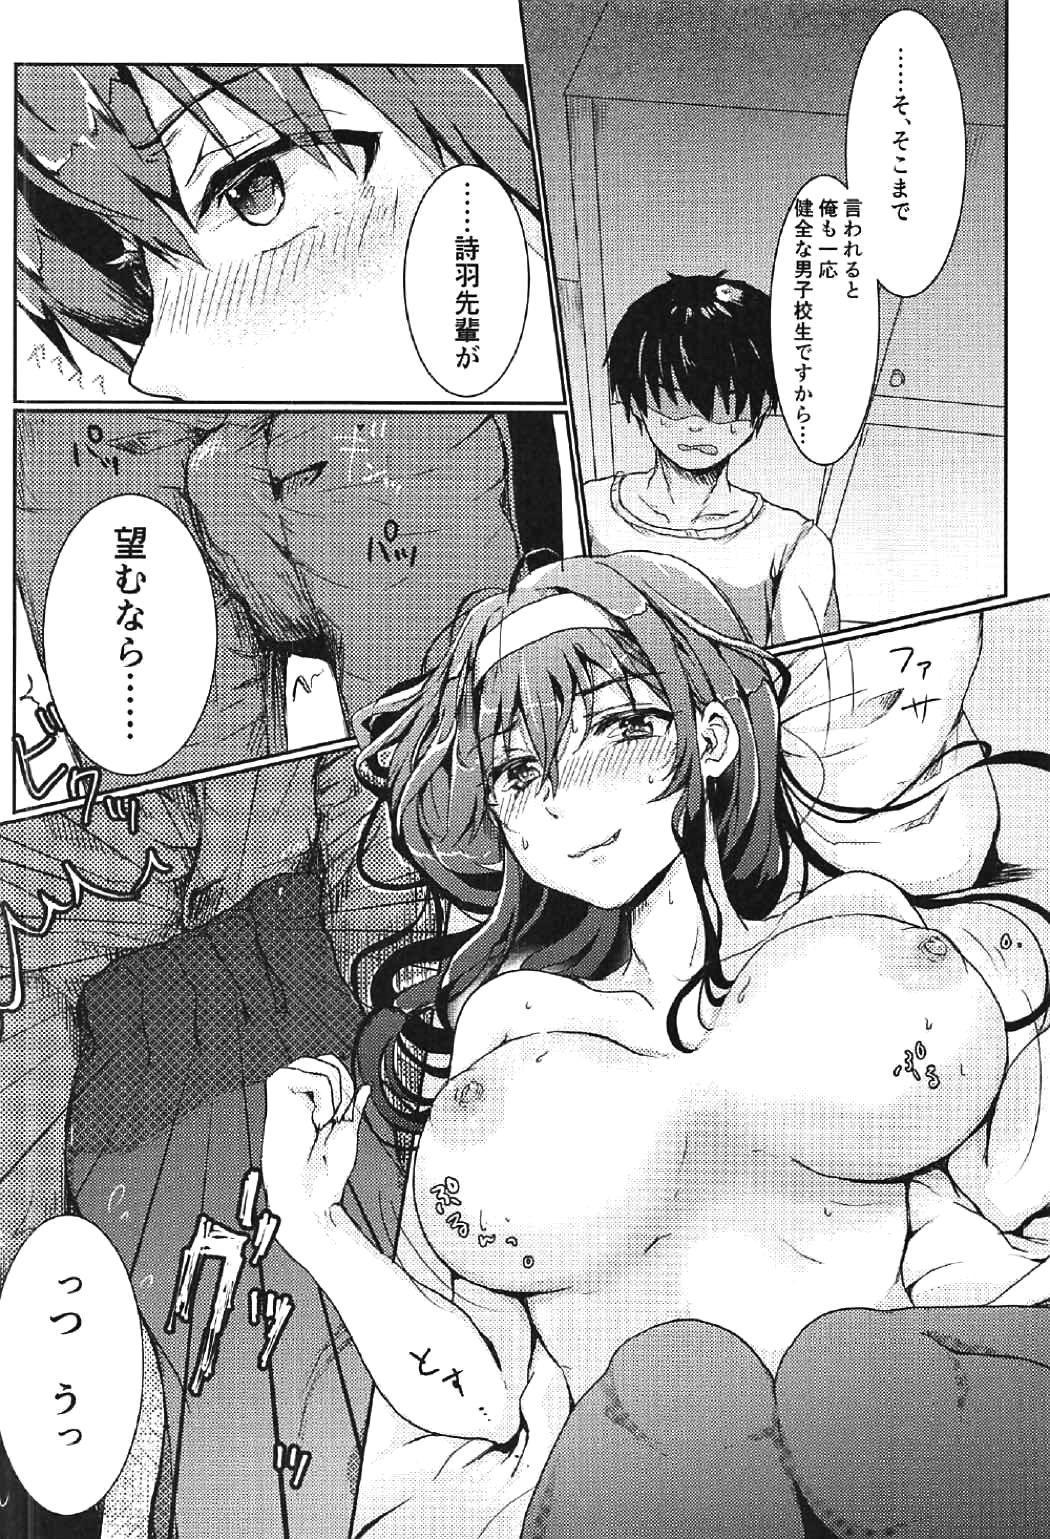 i-suru Ruby no Kojireta Furikata 20